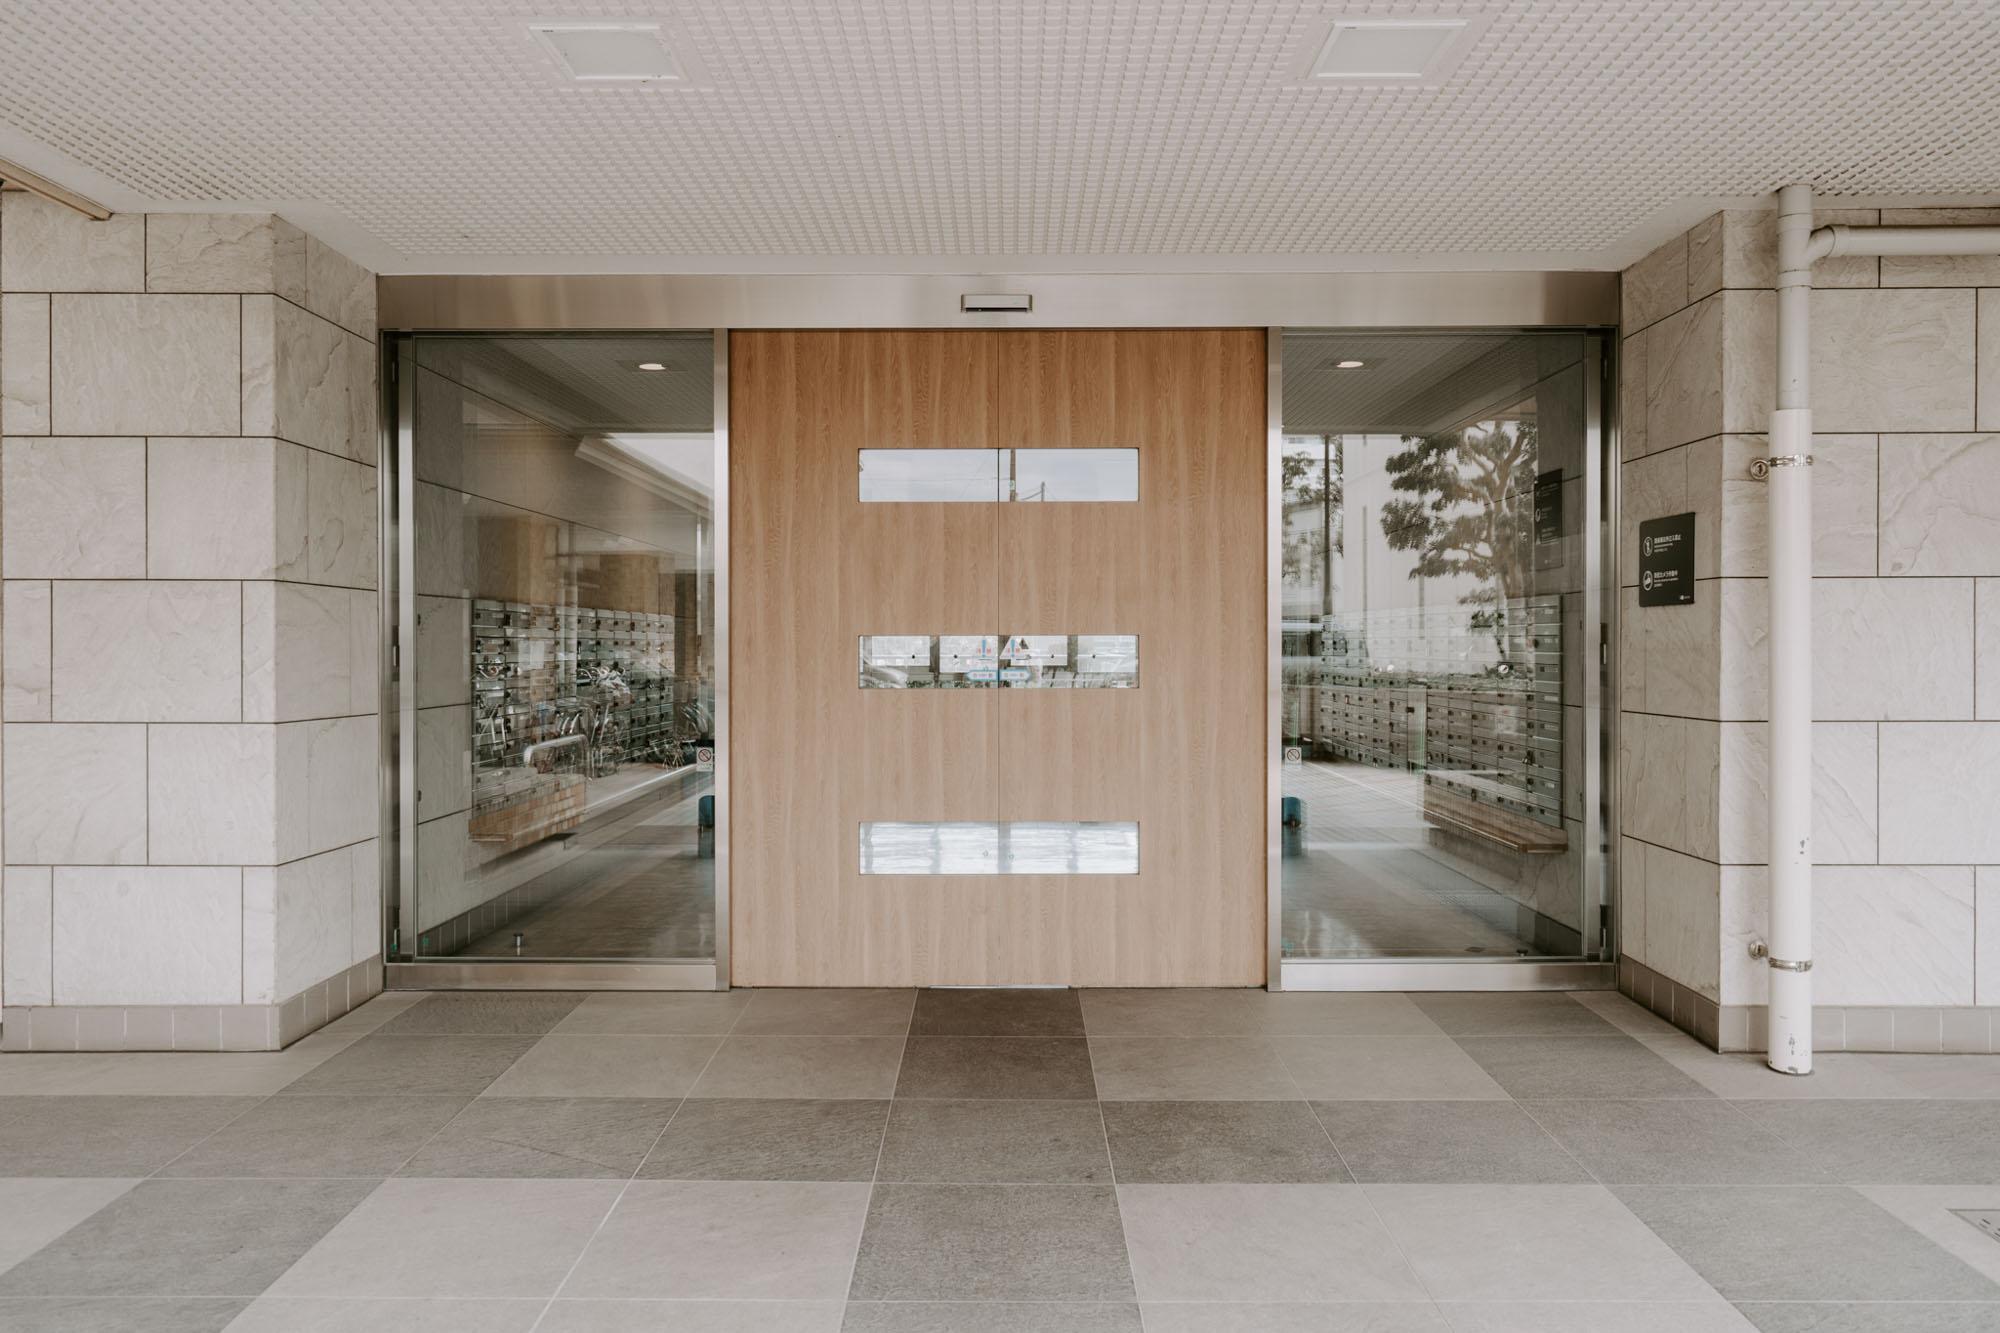 エントランスは自動ドアでかっこいい雰囲気。エレベーターも2基ついています。